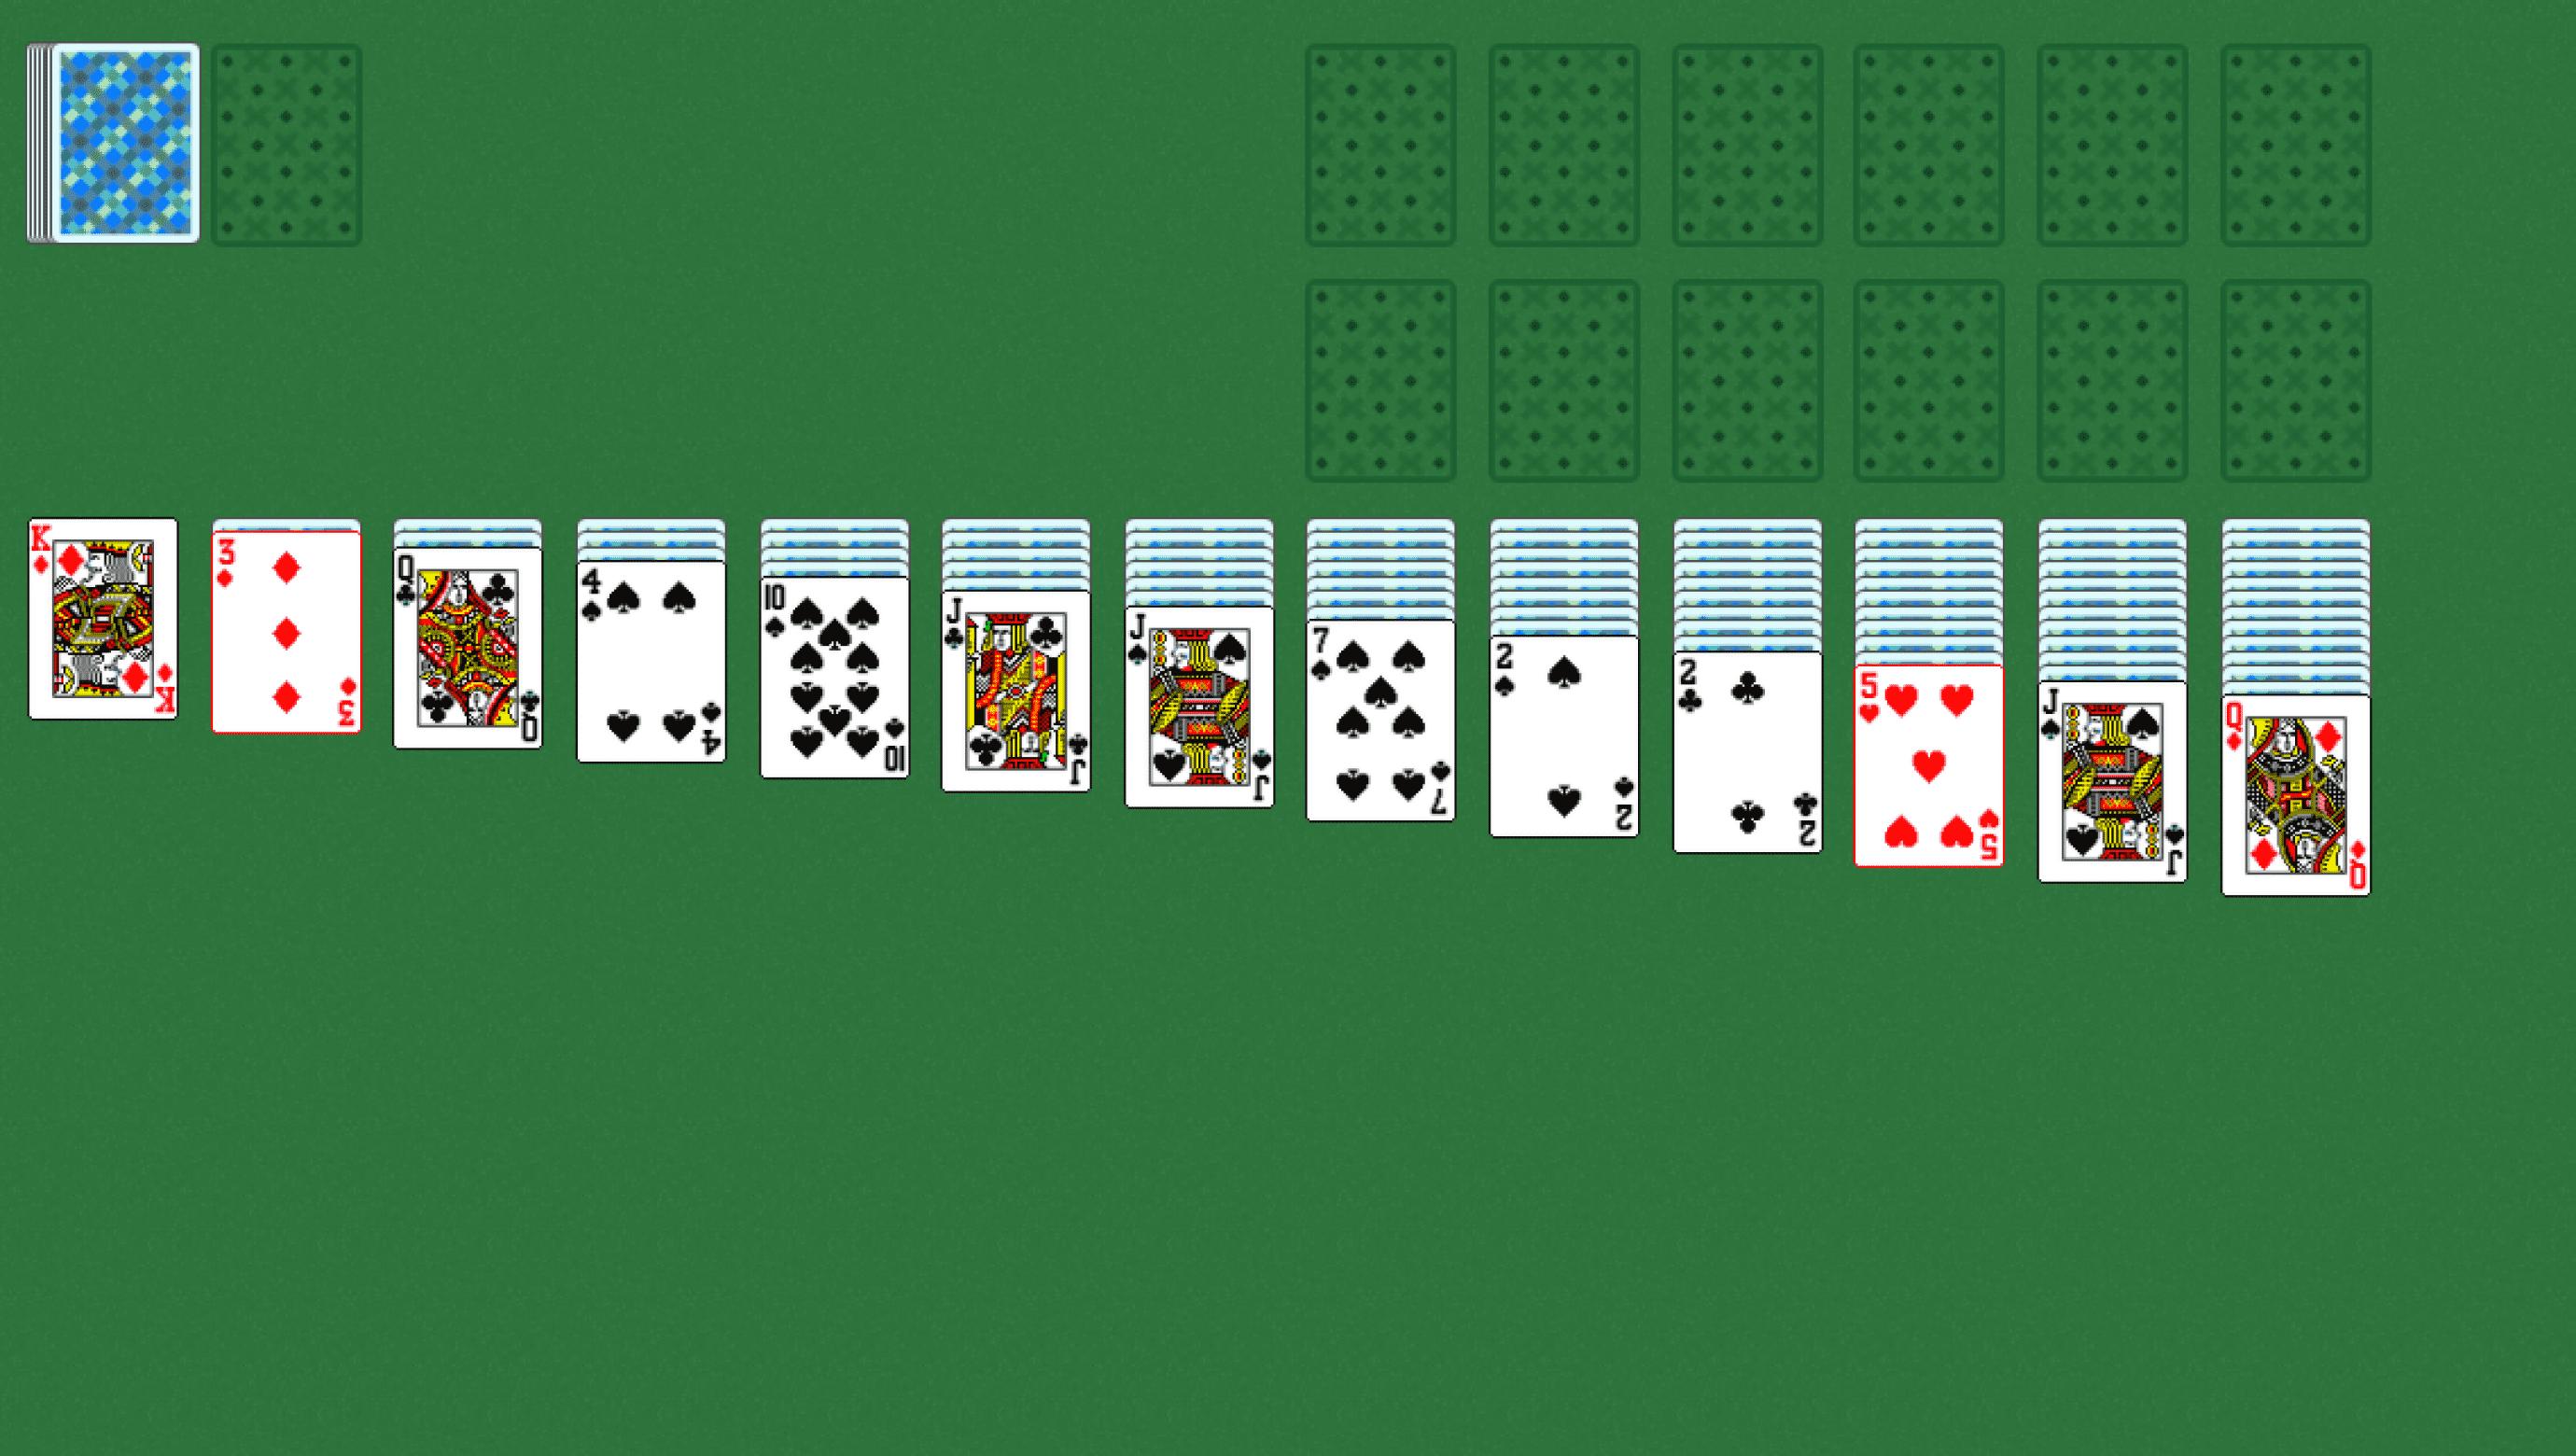 играть в карты косынка тройная по три карты